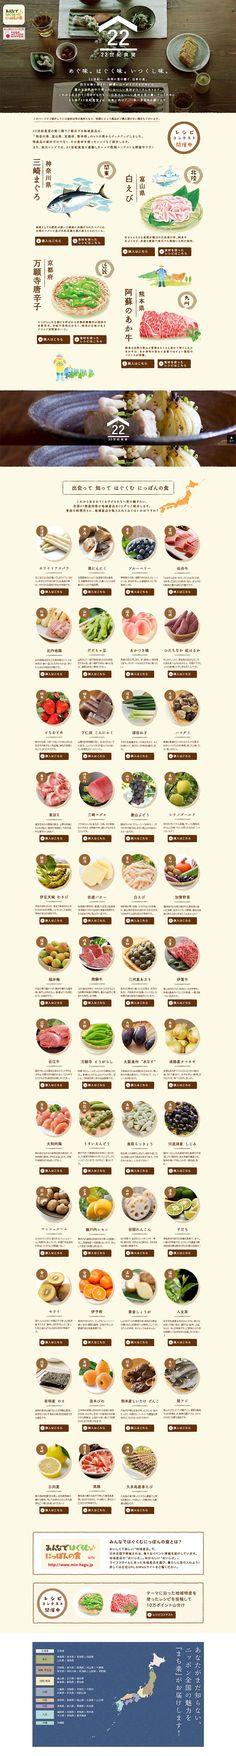 22世紀食堂【食品関連】のLPデザイン。WEBデザイナーさん必見!ランディングページのデザイン参考に(ナチュラル系)